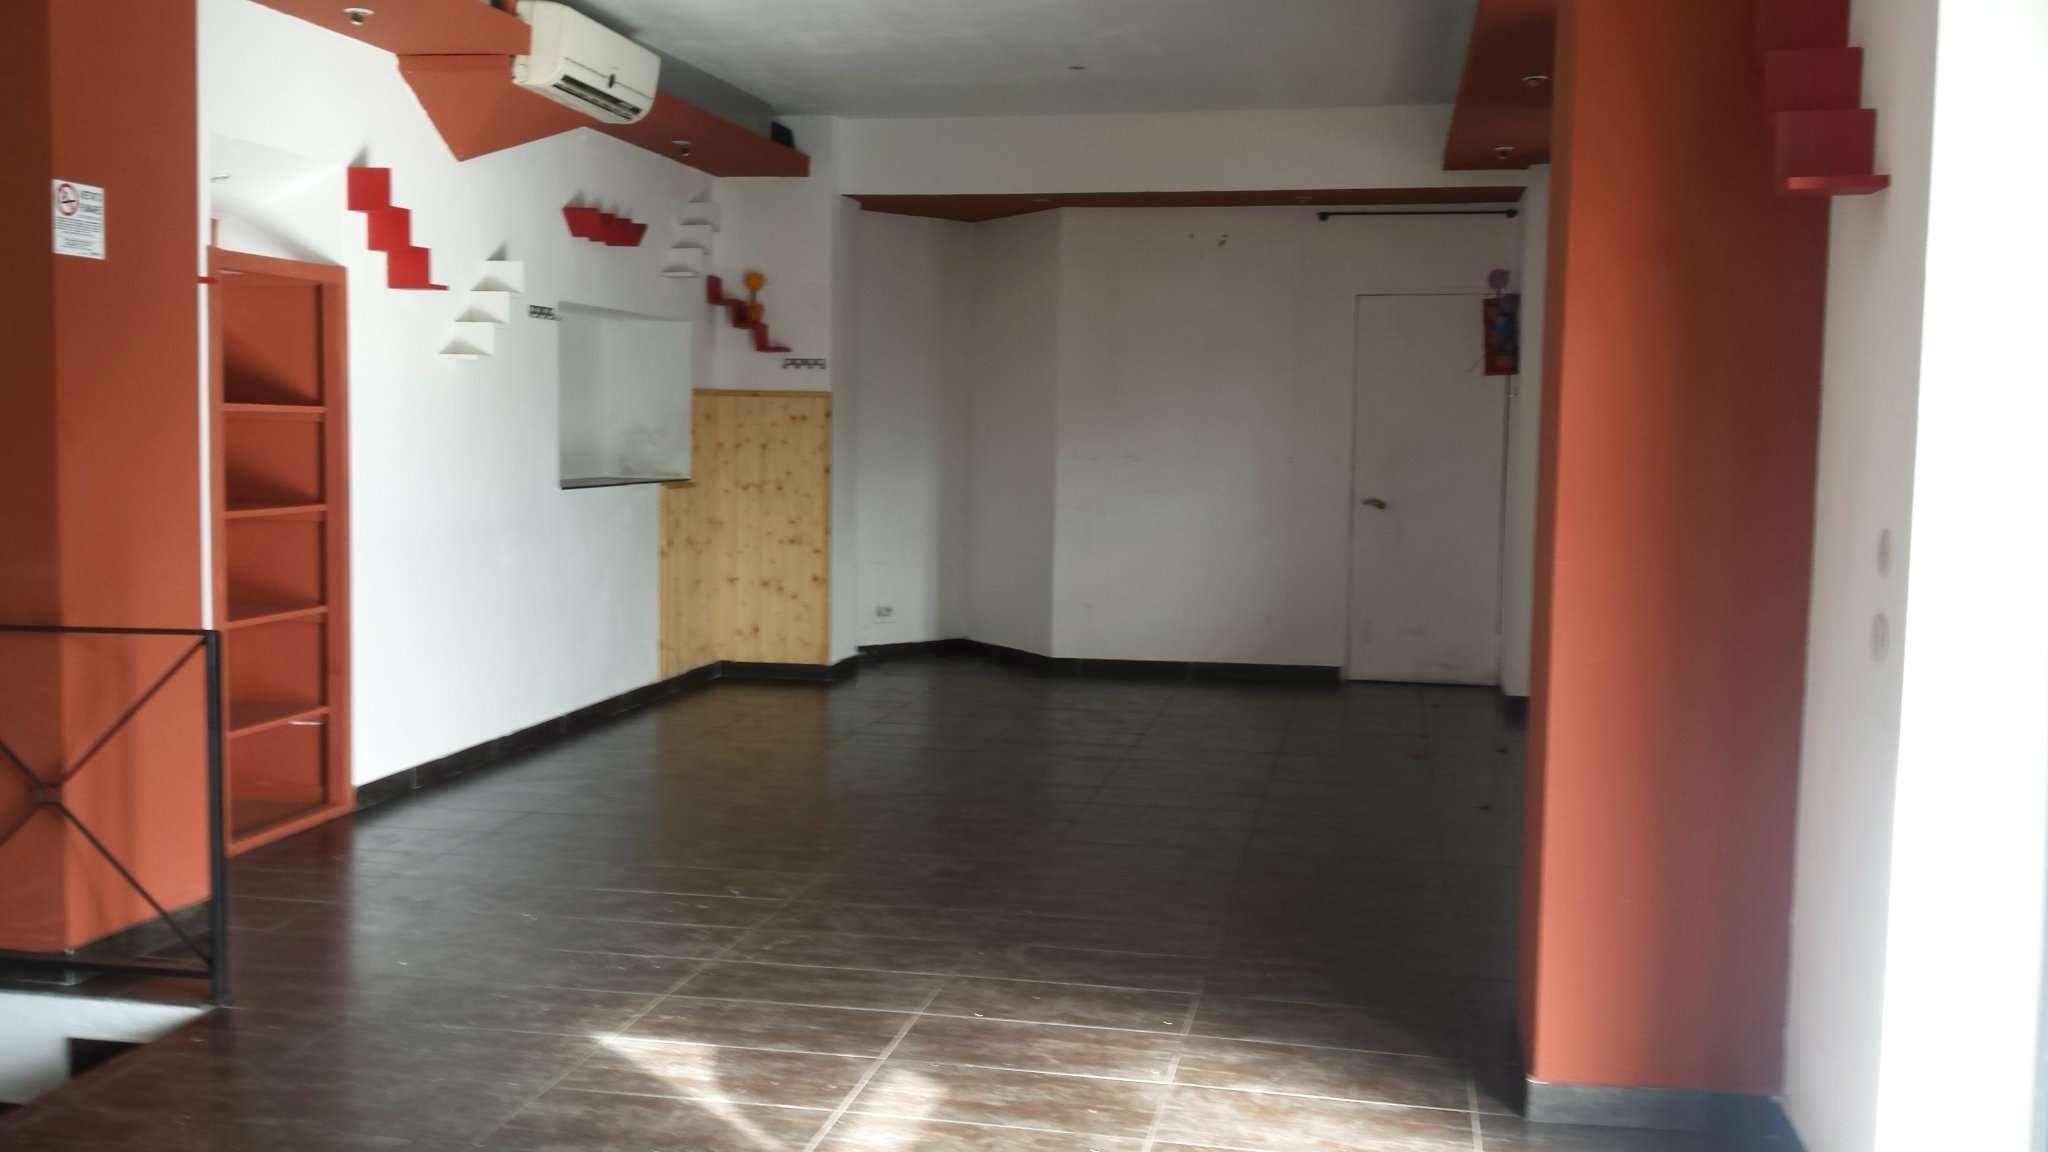 Negozio / Locale in affitto a Varese, 3 locali, prezzo € 820 | Cambio Casa.it